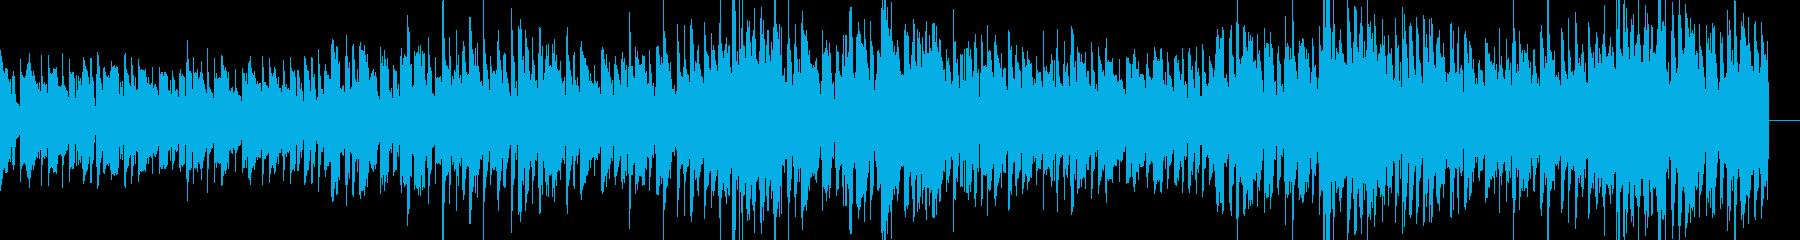 格ゲーのキャラ選択画面っぽいBGMの再生済みの波形